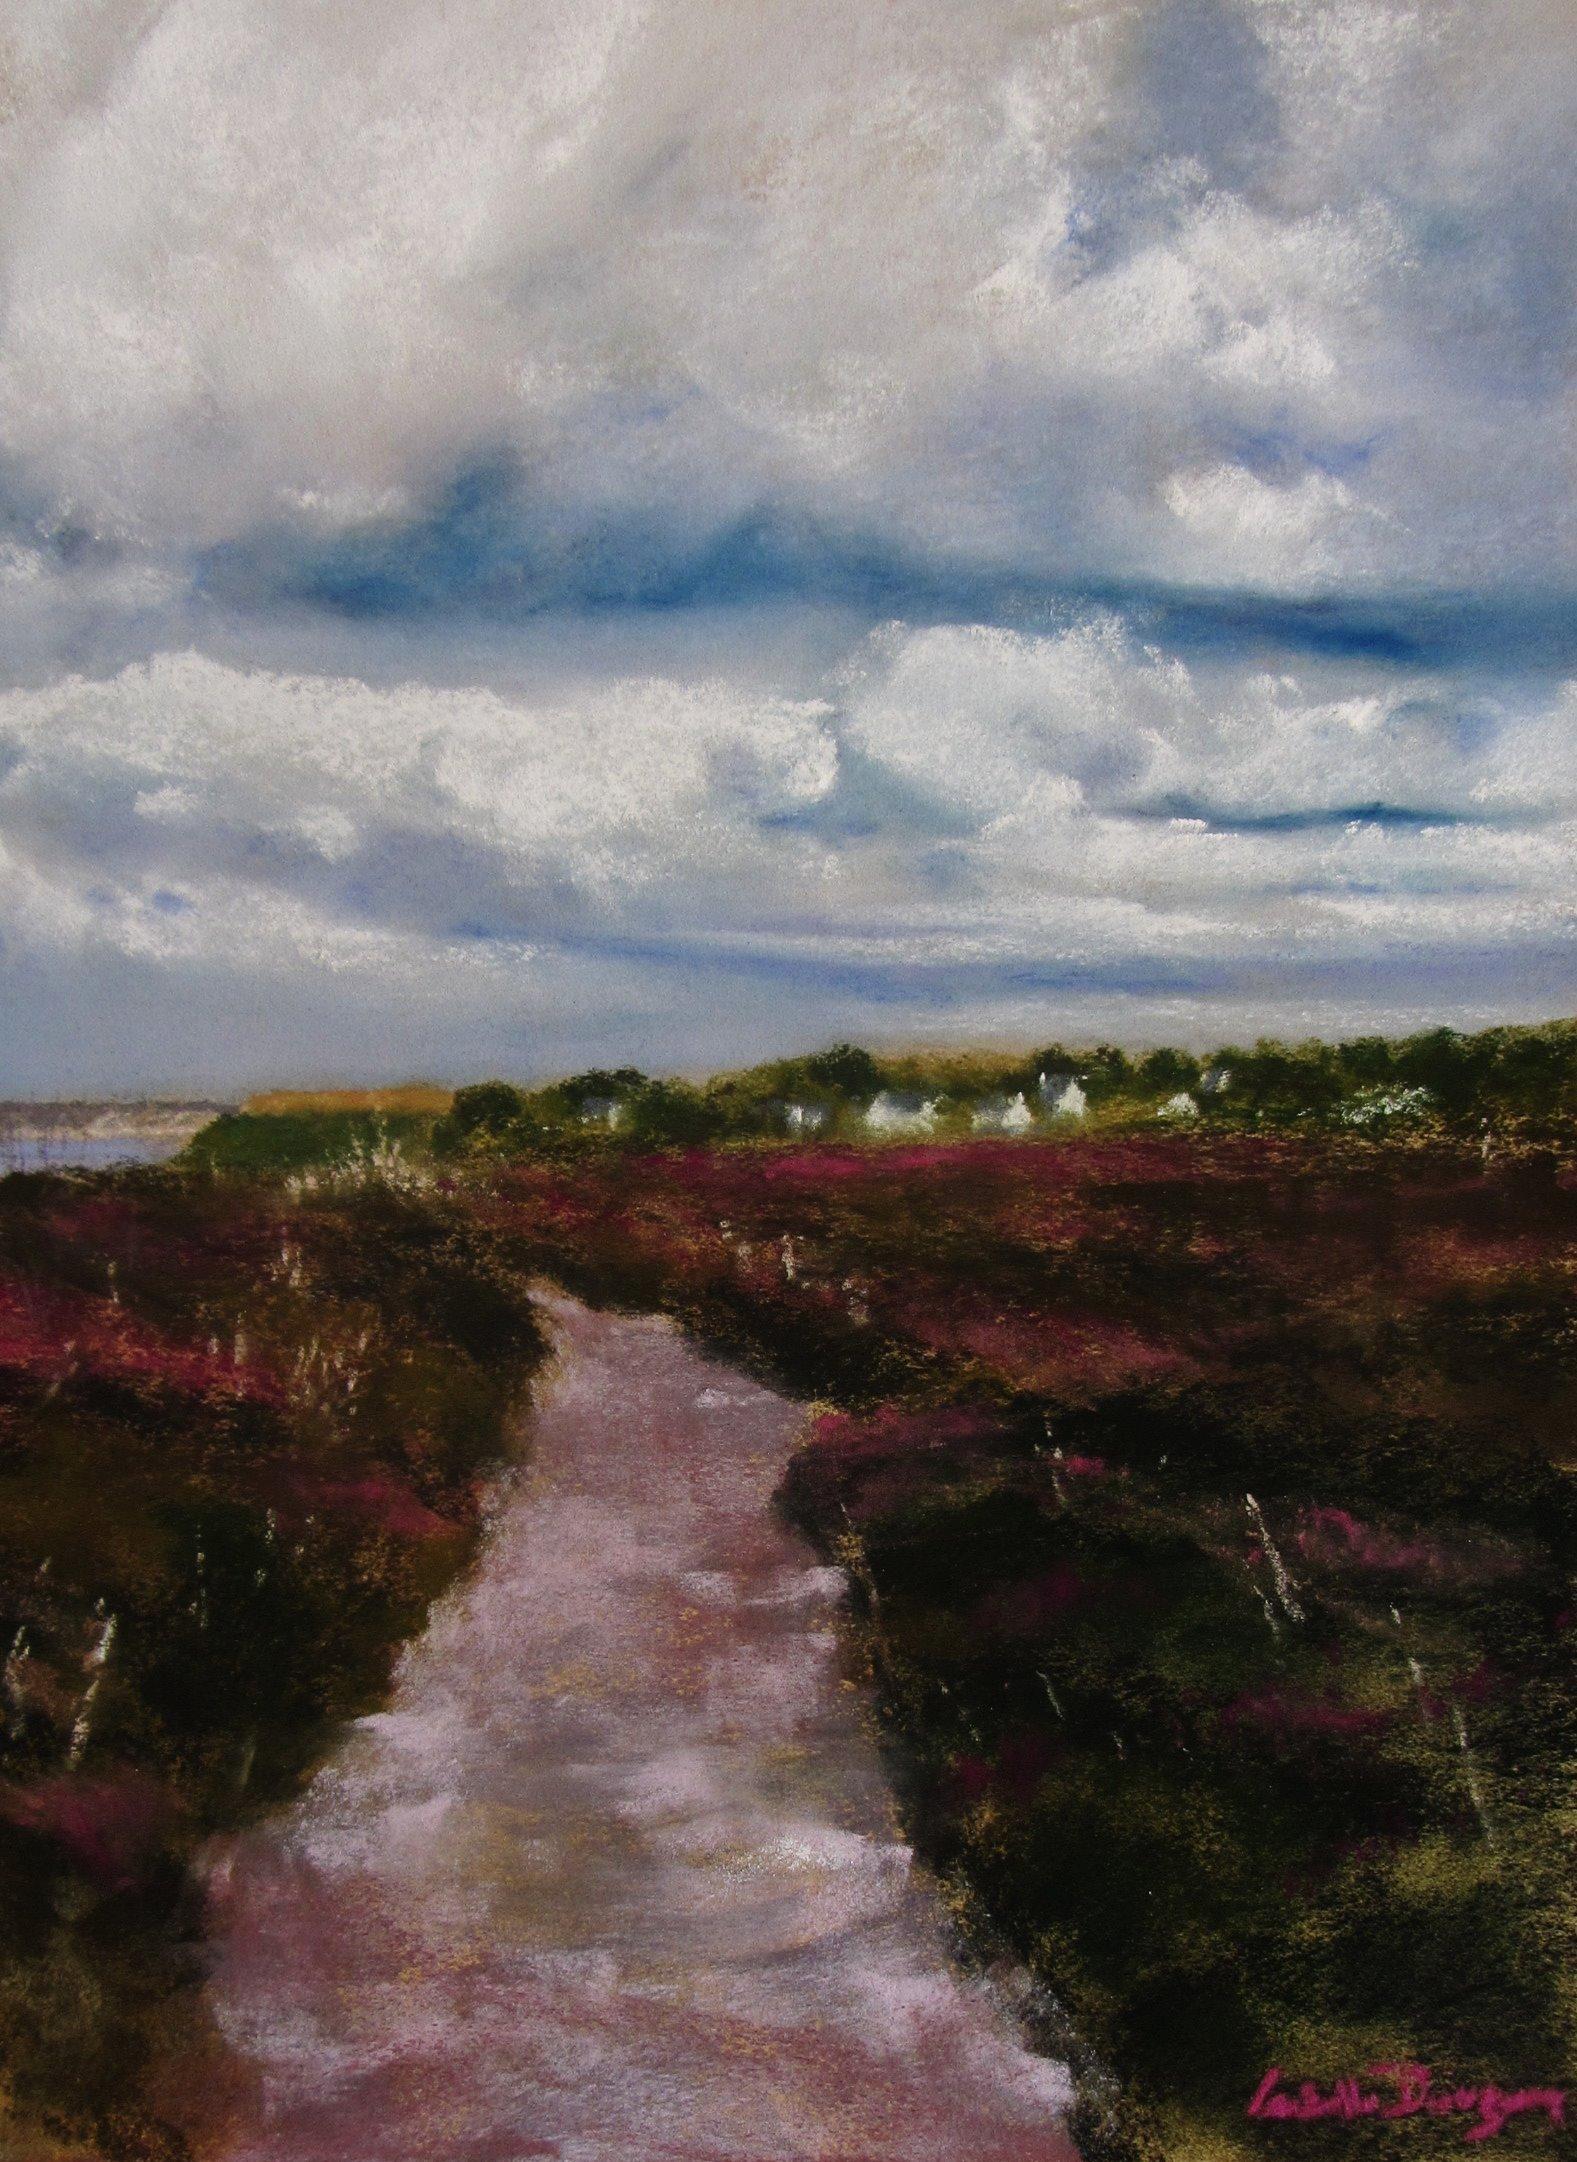 Ambiance dans les landes du Cap d Erquy - Le GR34 - Peinture au pastel sec par l'artiste peintre Isabelle Douzamy 40x50 cm (encadré)